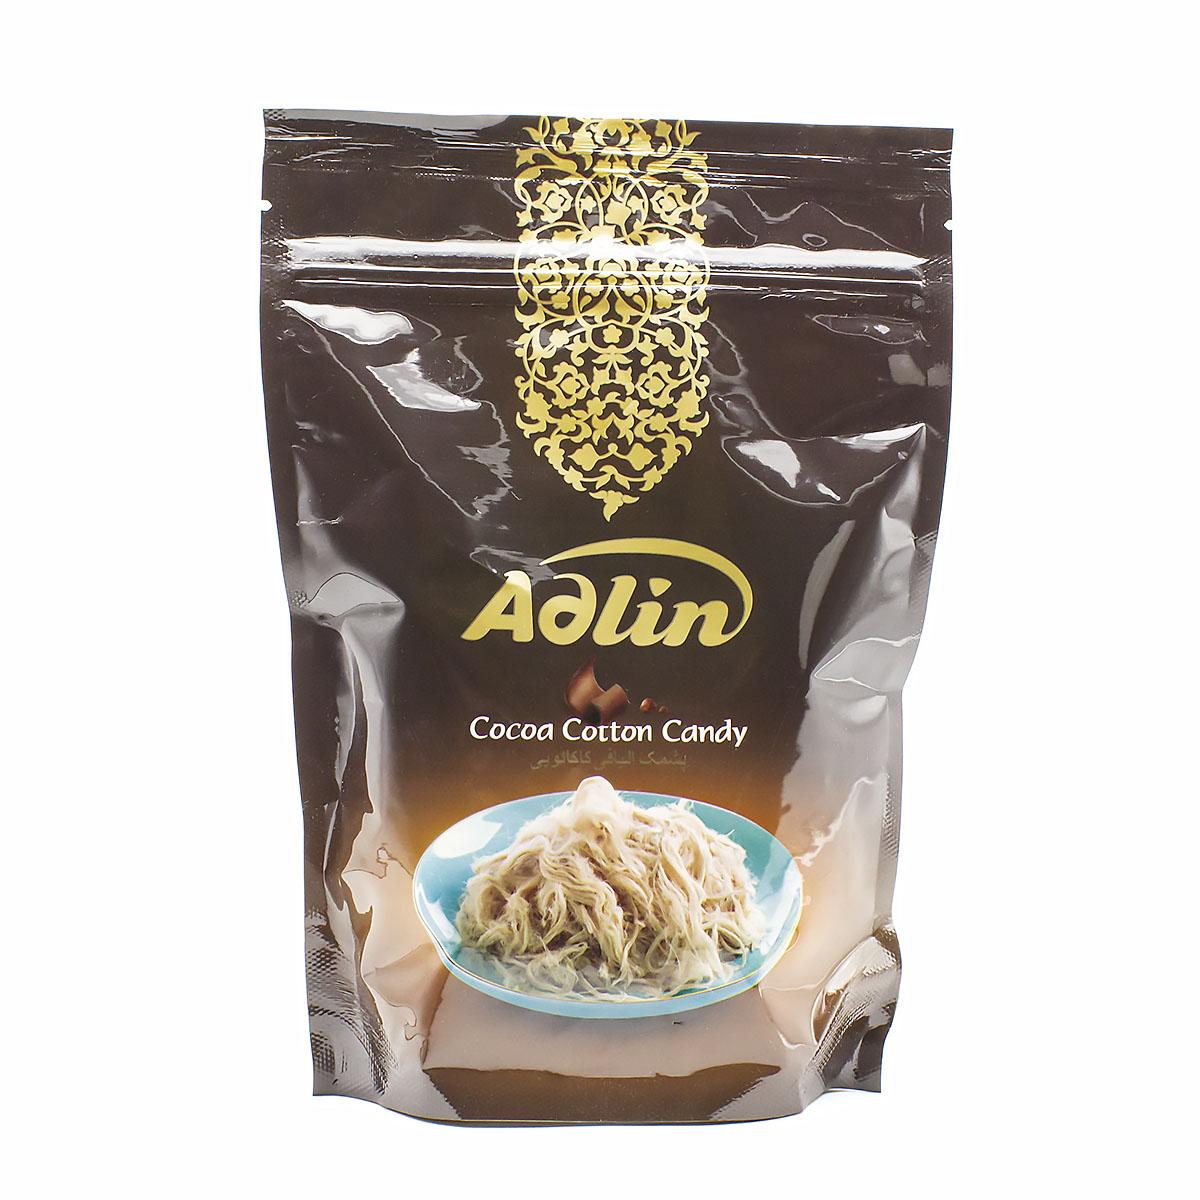 Царский пашмак (сладкая вата) со вкусом какао Adlin, 150 г флэксичипс крекеры льняные натуральные со вкусом томата 100 г